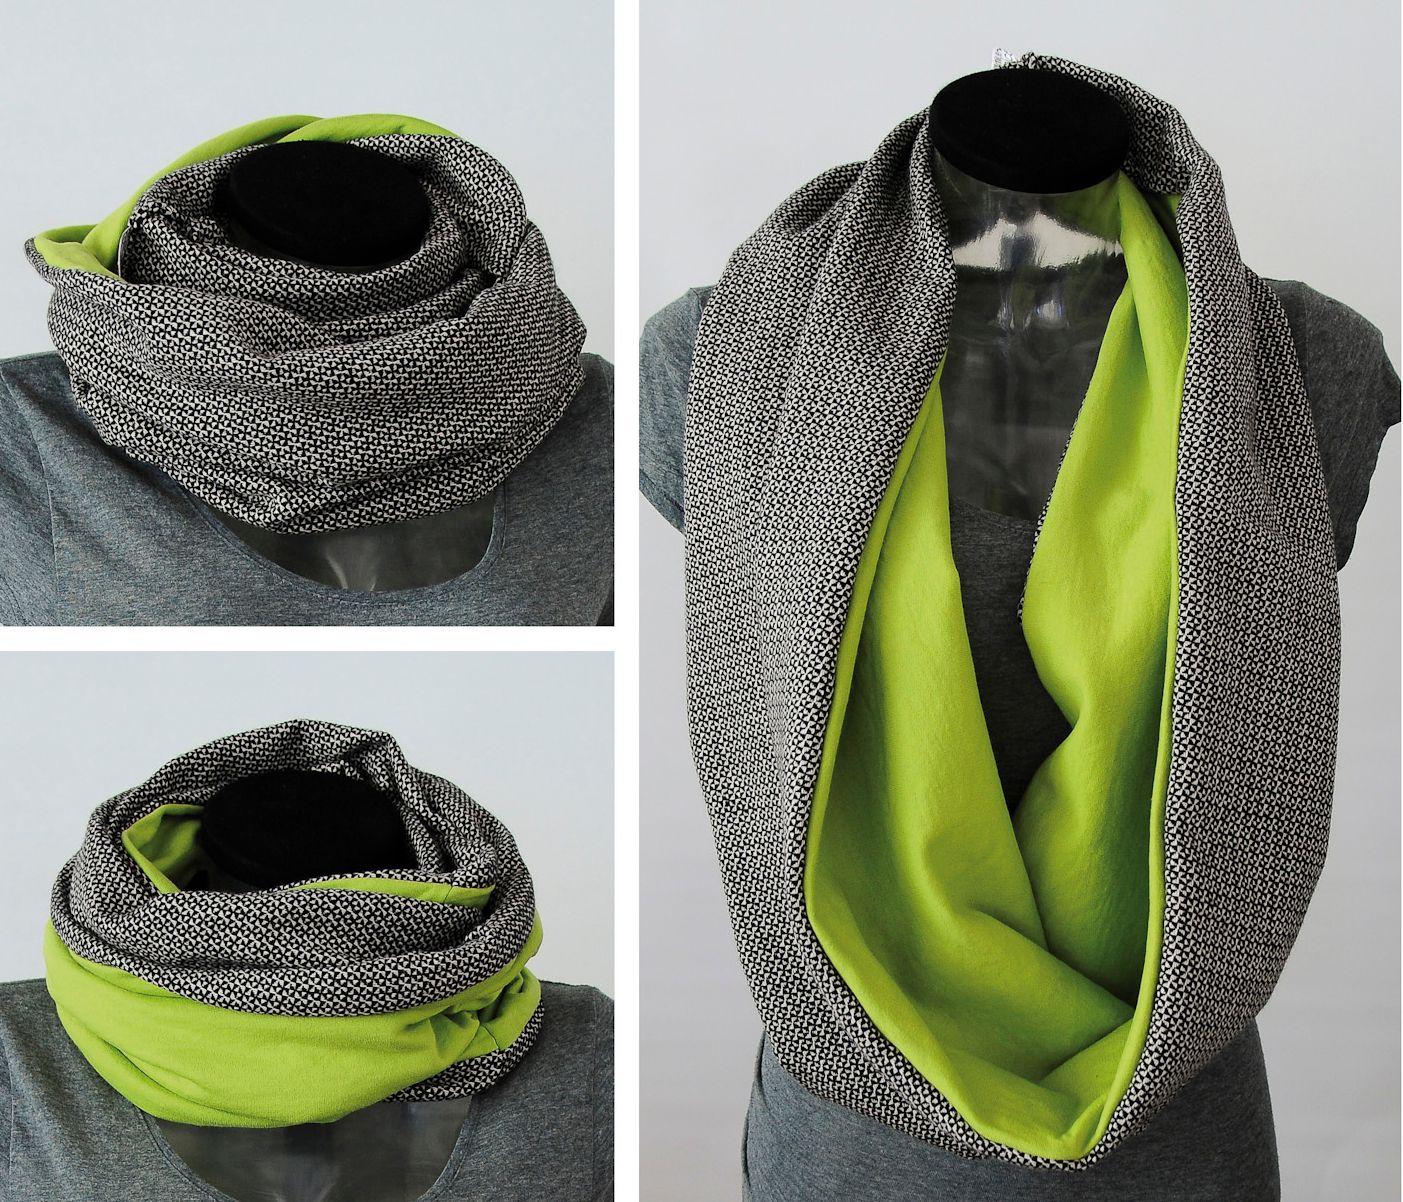 scarf idea to make myself | Accesoris | Pinterest | Costura, Ideas ...